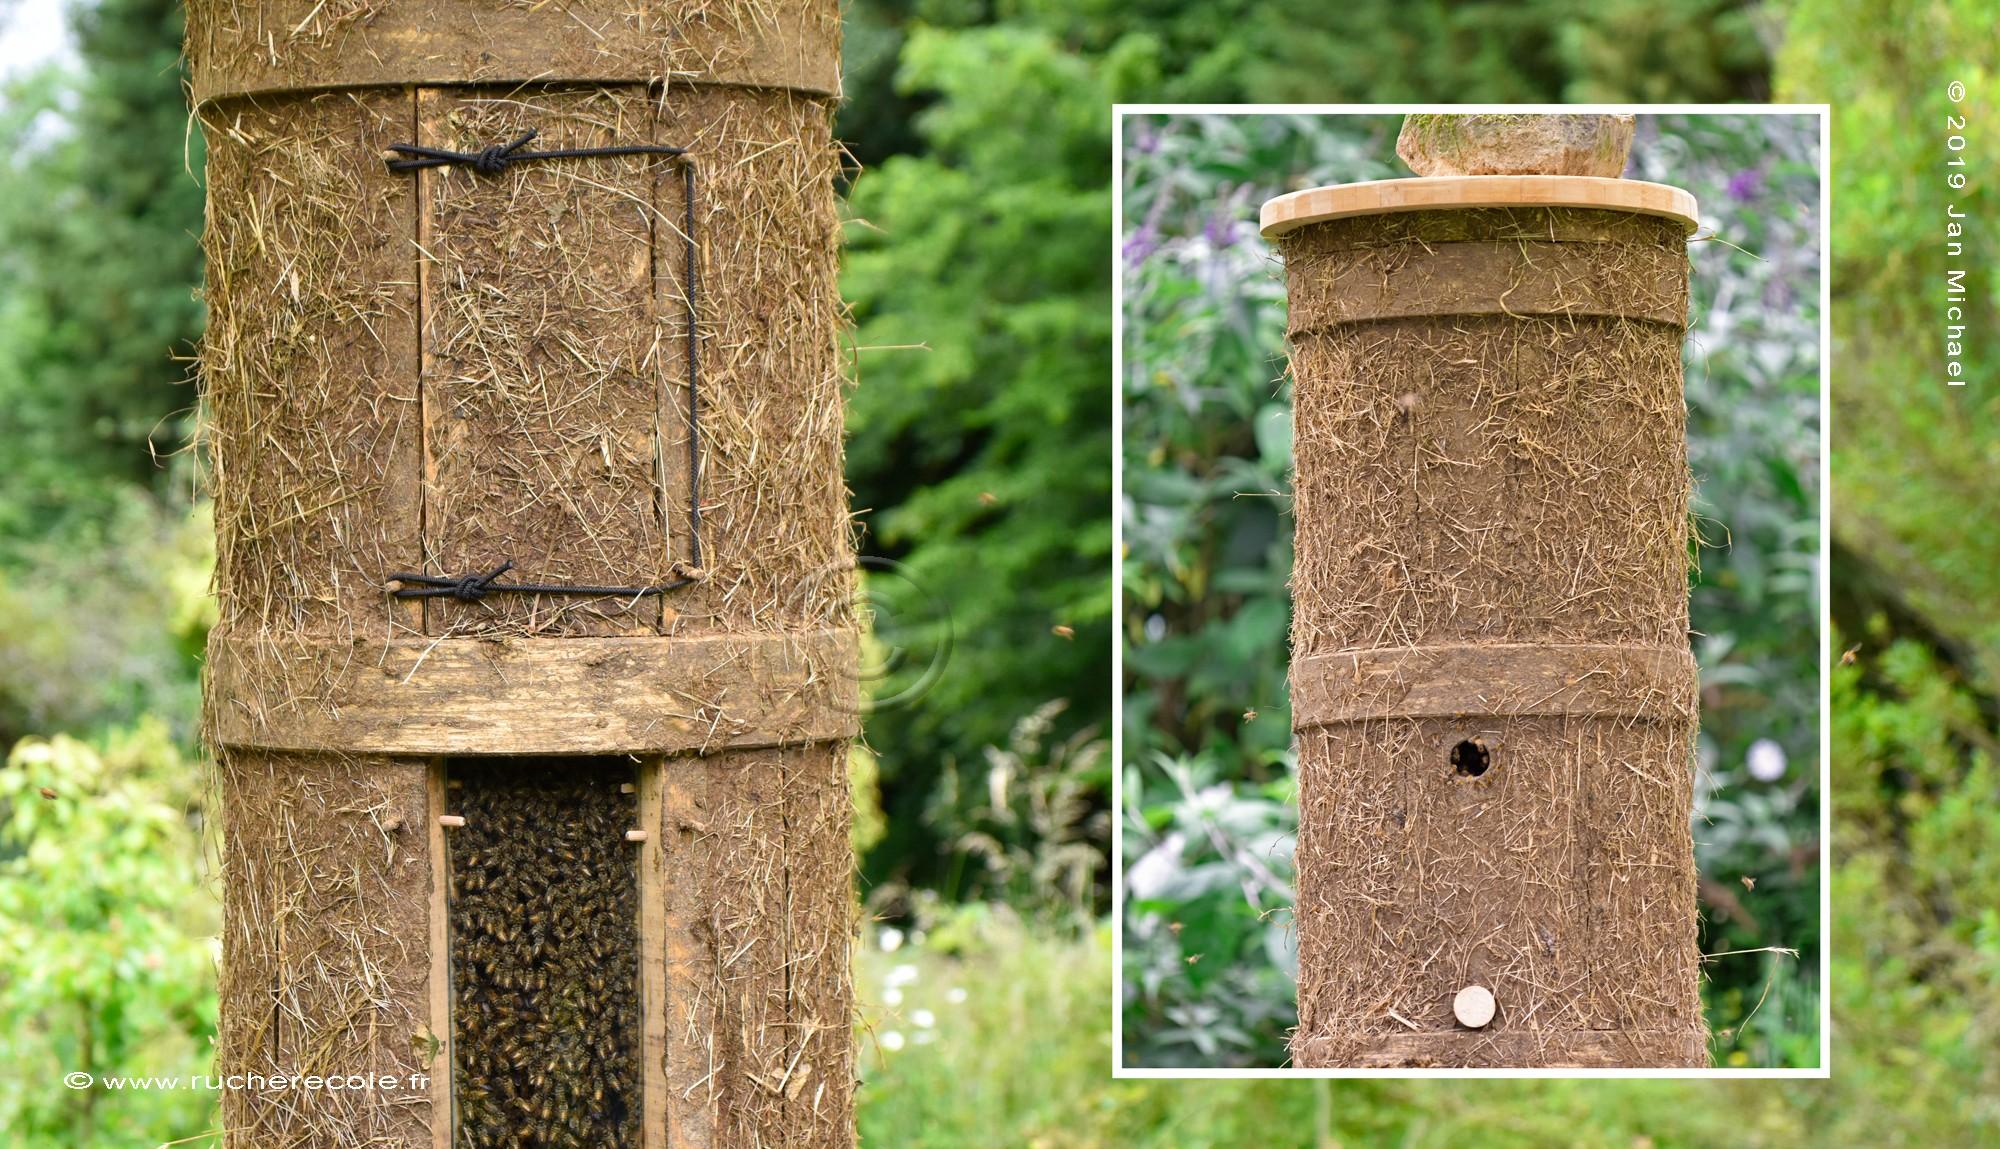 C'est en bonne compagnie que Jan, fondateur du rucher-école, s'est initié à la fabrication de ruches alternatif...